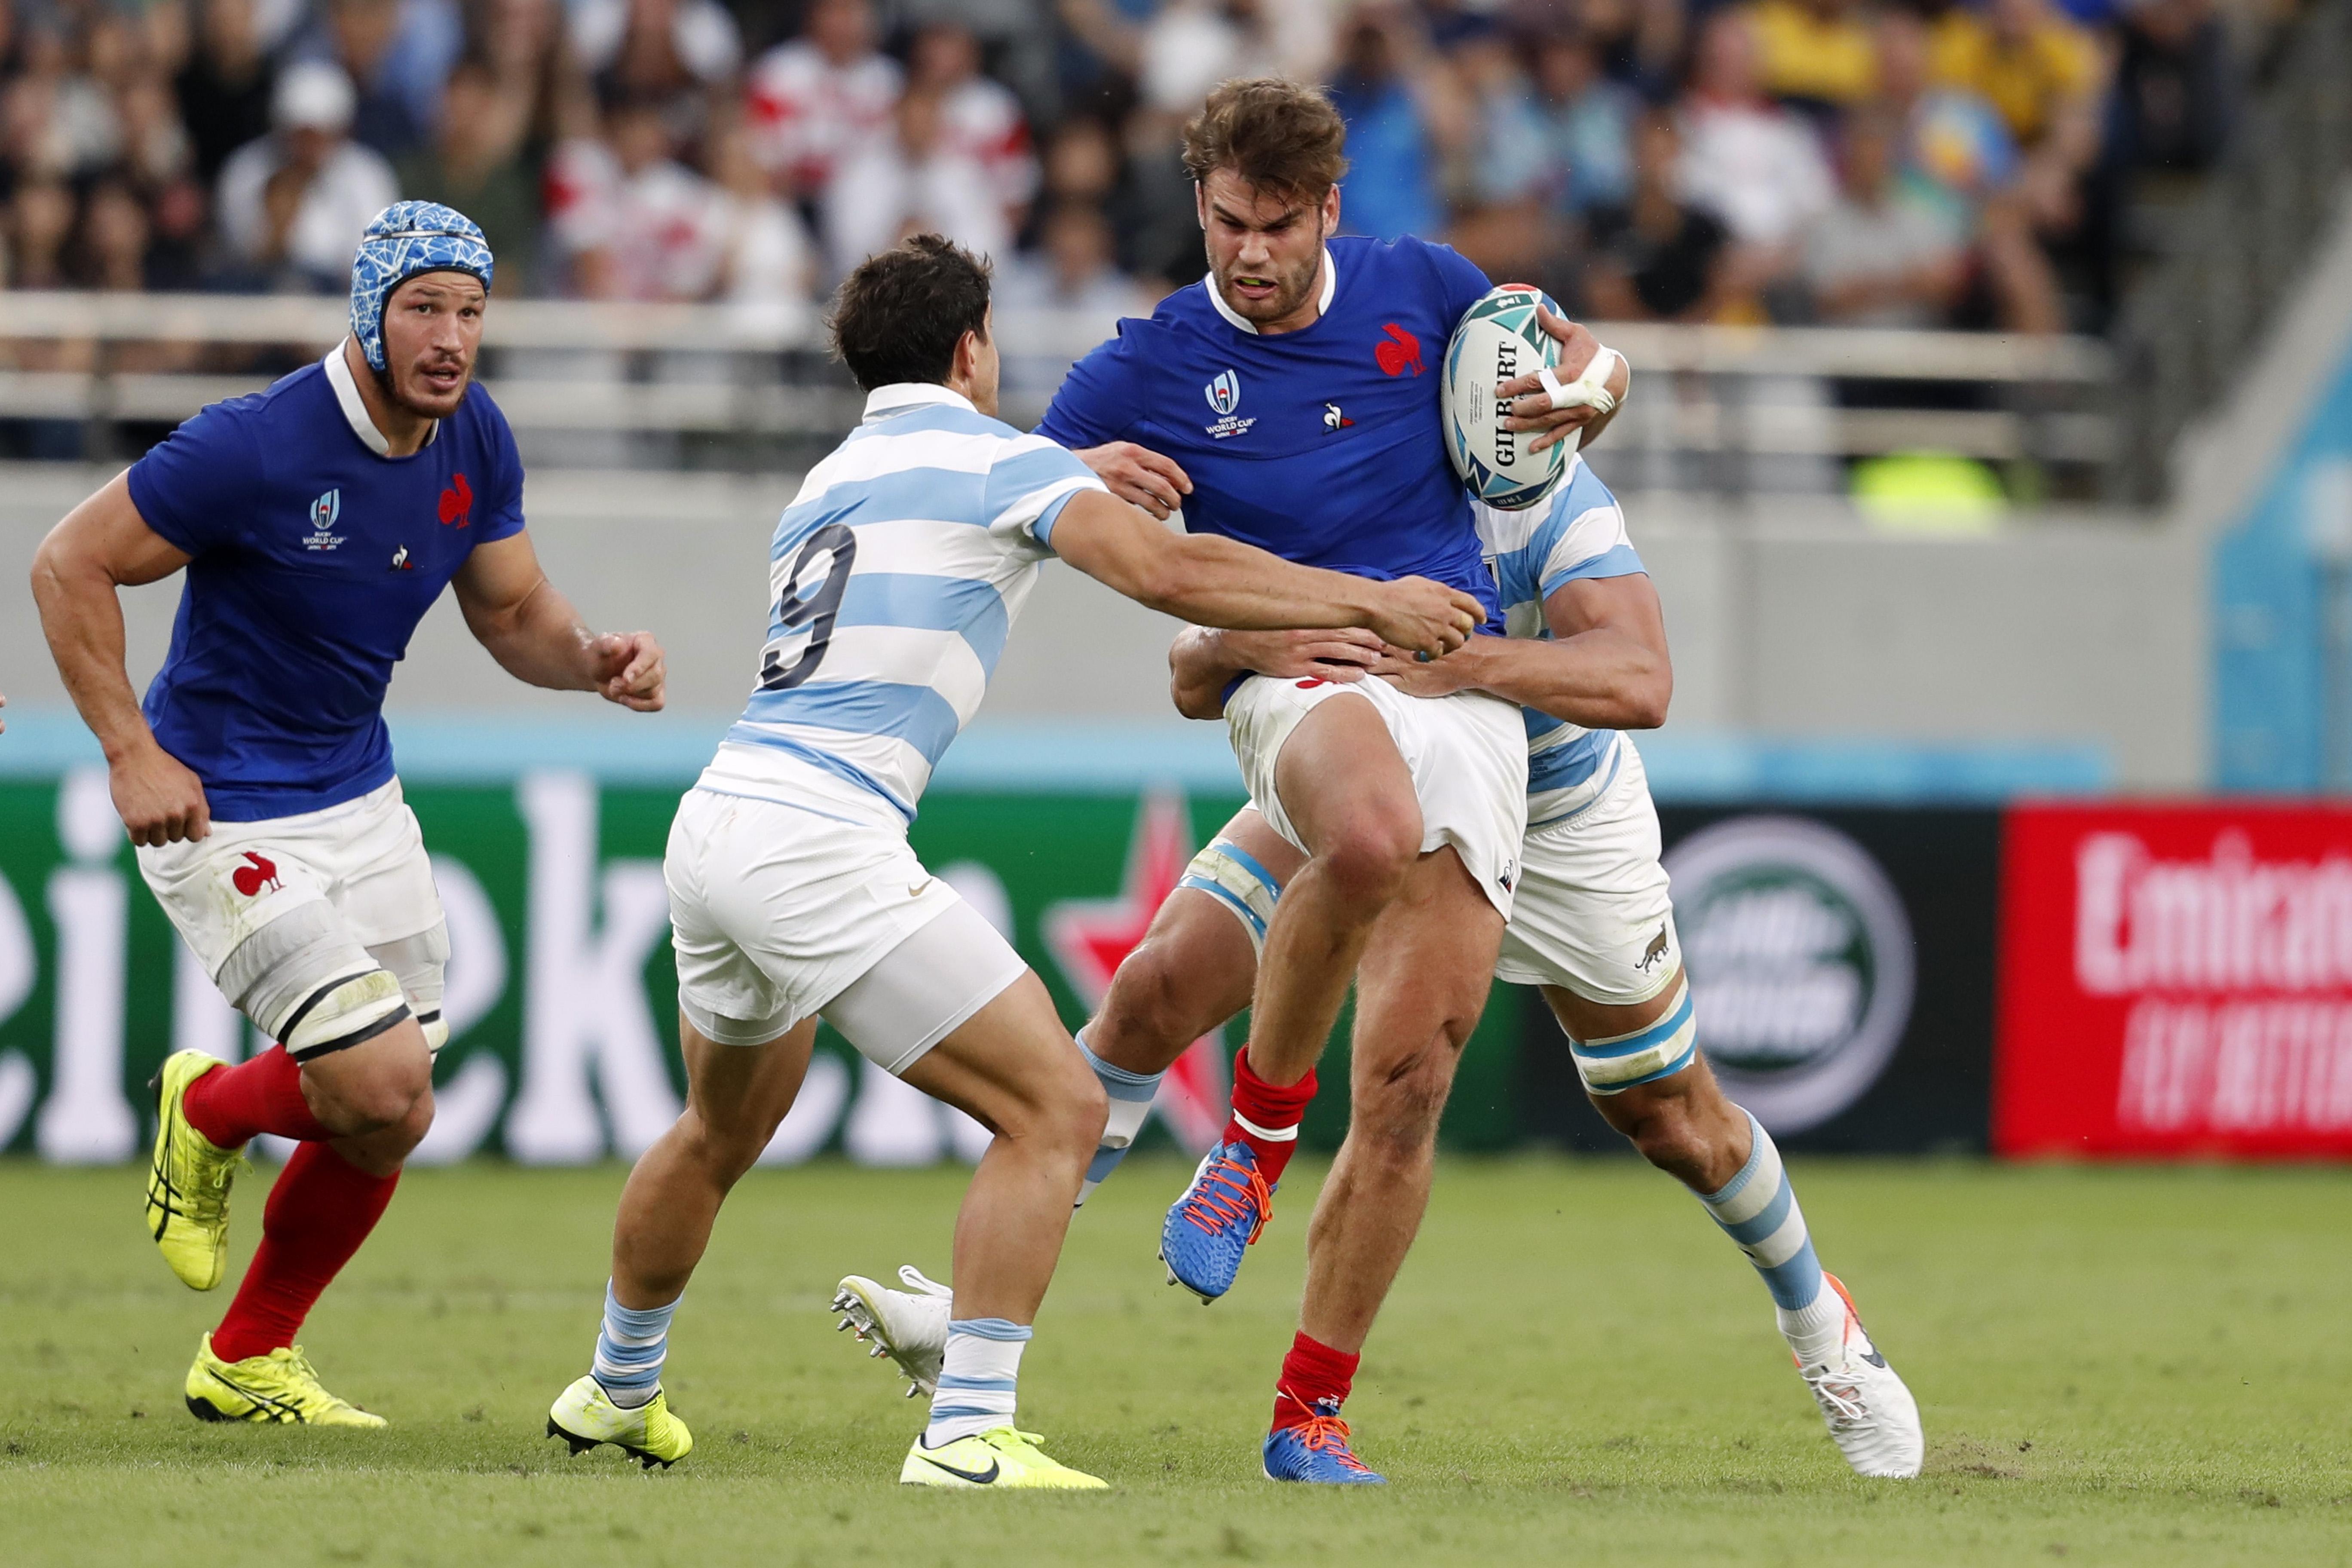 Rugby - Coupe du monde 2019 - XV de France : Penaud et Dupont titulaires face au pays de Galles